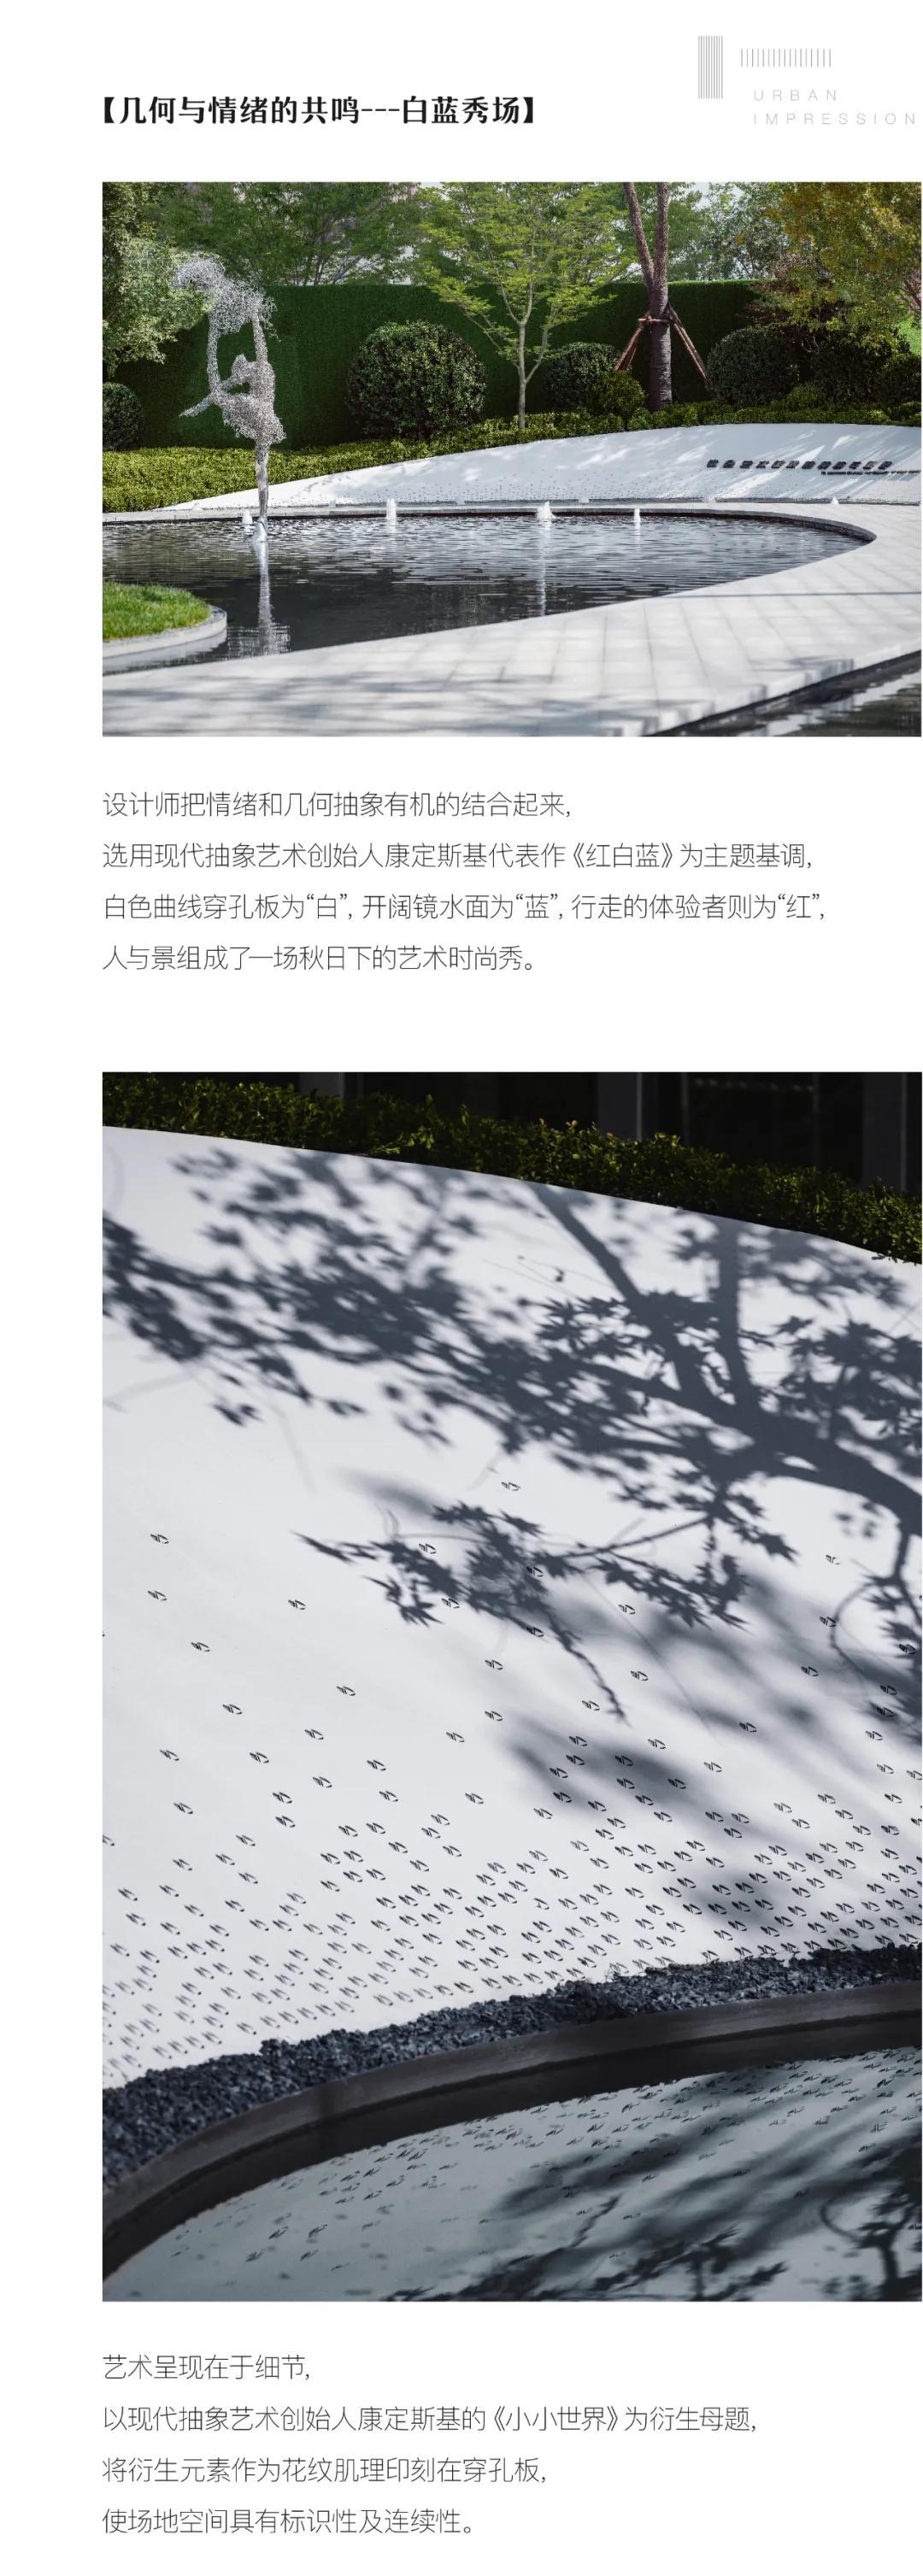 蒙太奇的回归 | 怡境作品之北京新城?熙红印